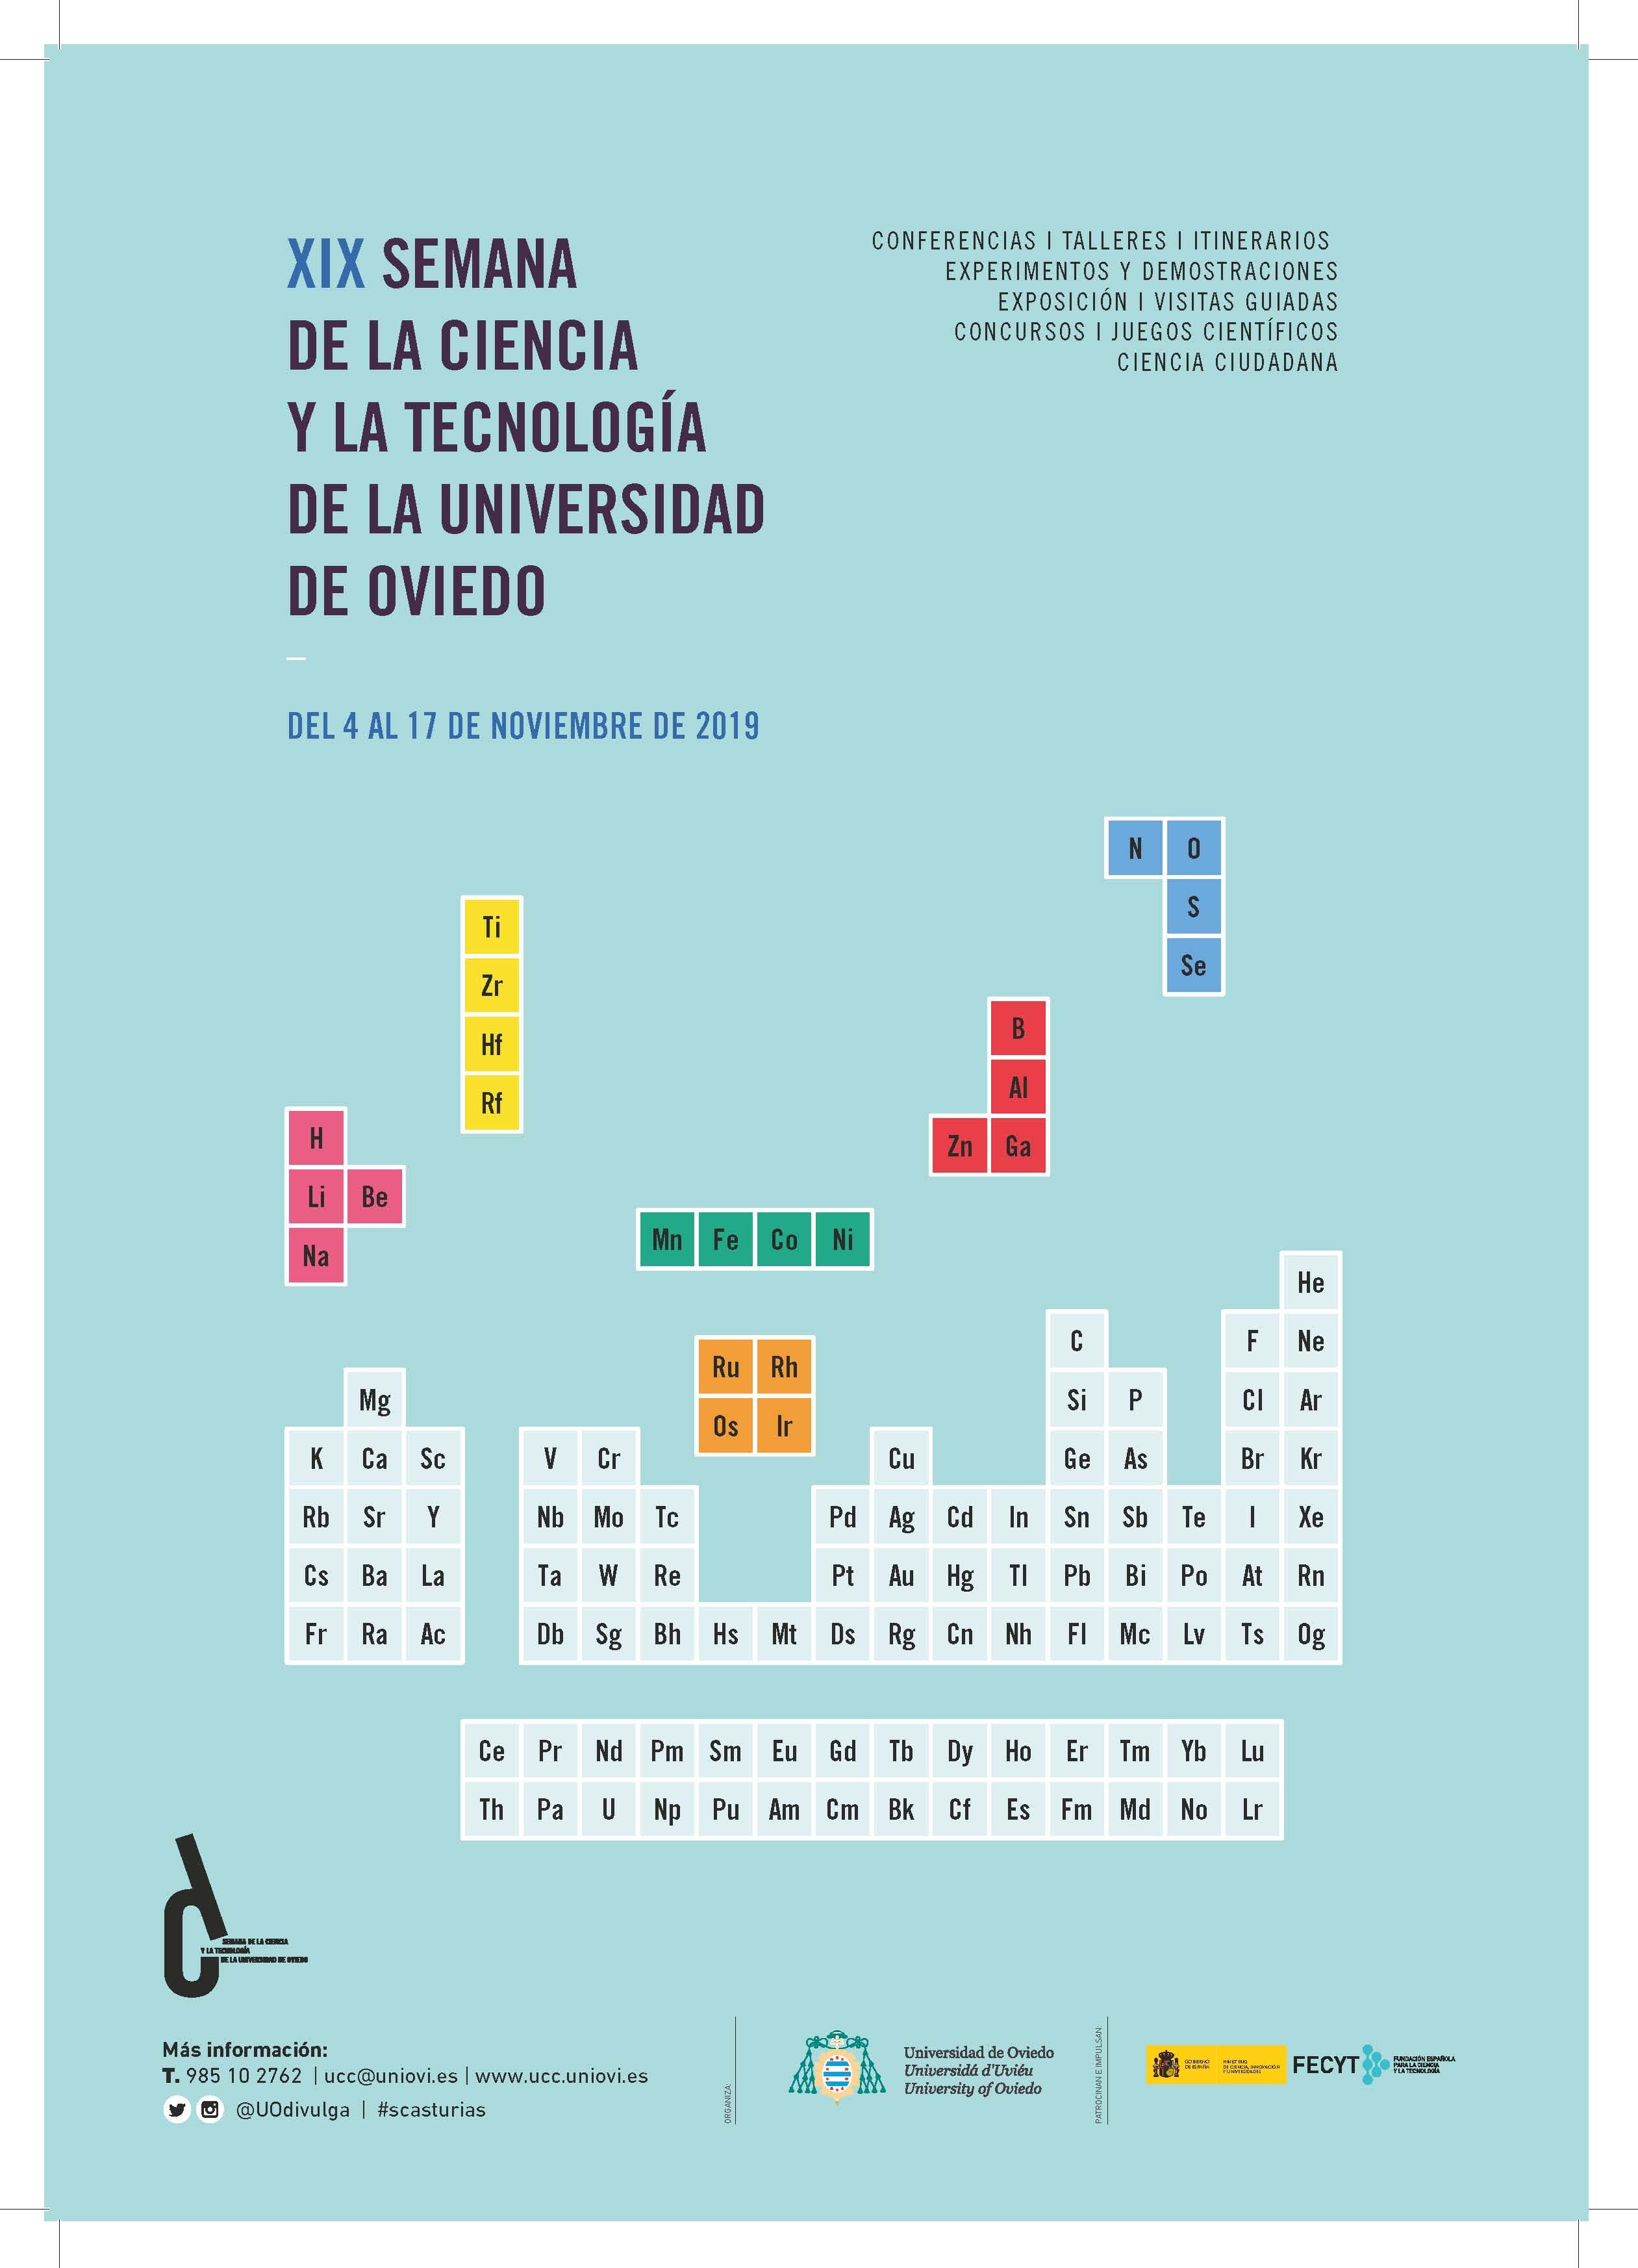 Curso: XIX Semana de la Ciencia y la Tecnología de la Universidad de Oviedo